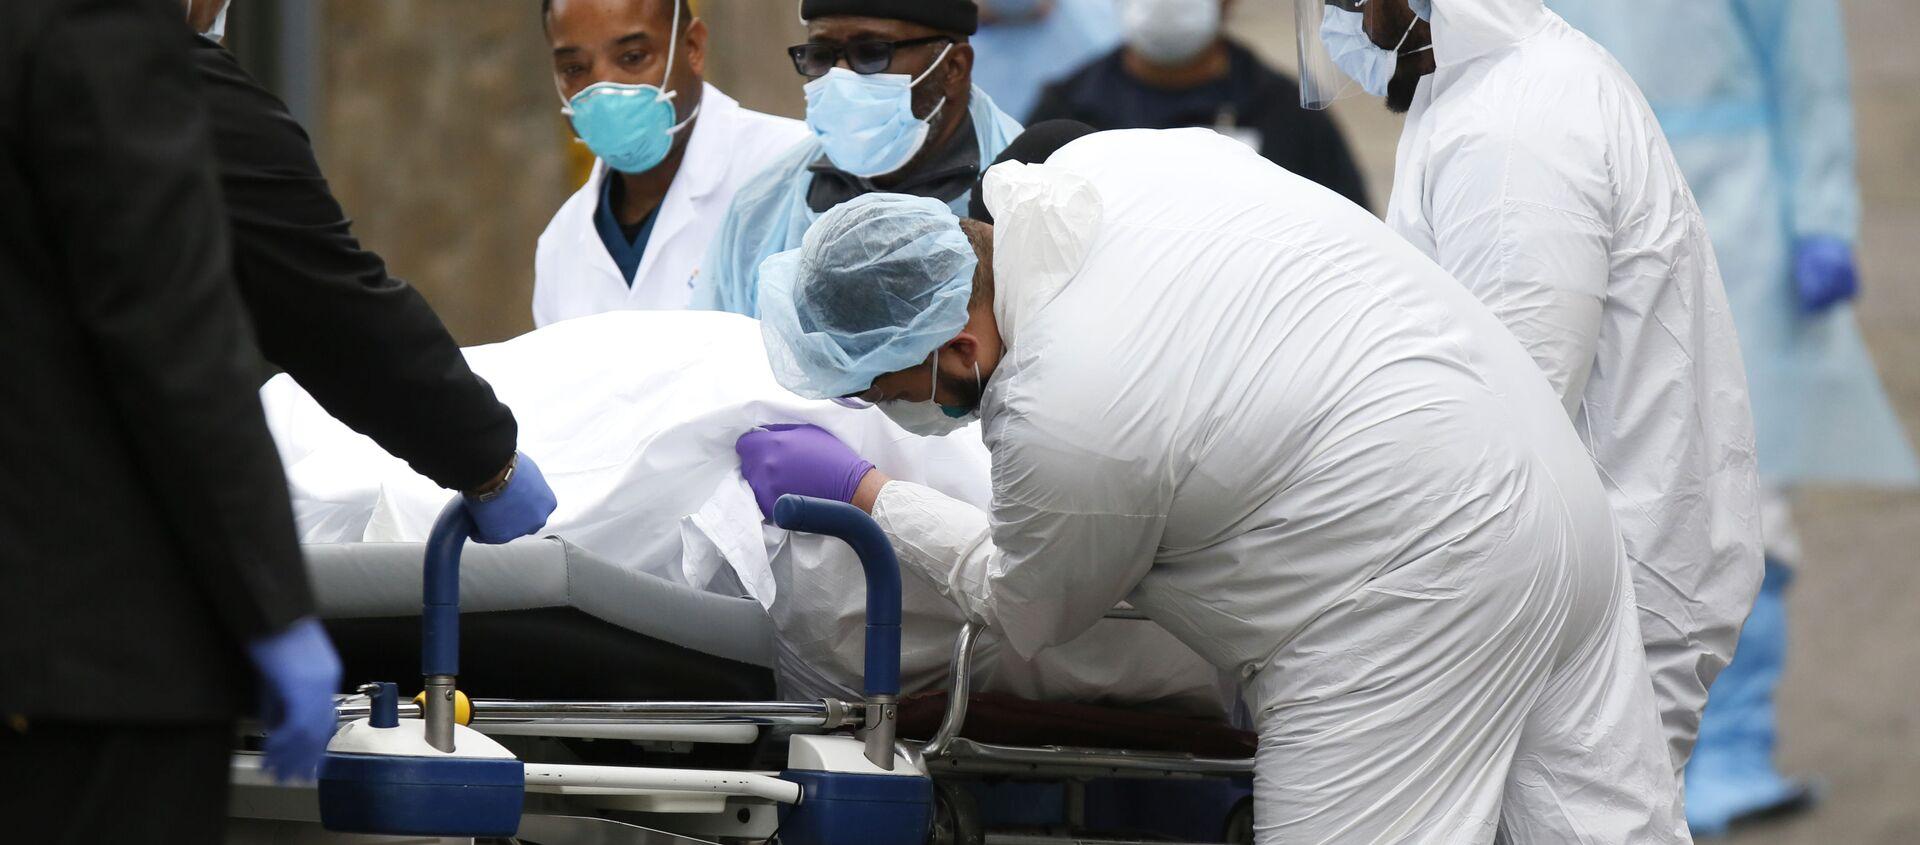 Медики перевозят умершего от коронавируса в больнице в Бруклине, Нью-Йорк - Sputnik Таджикистан, 1920, 03.01.2021